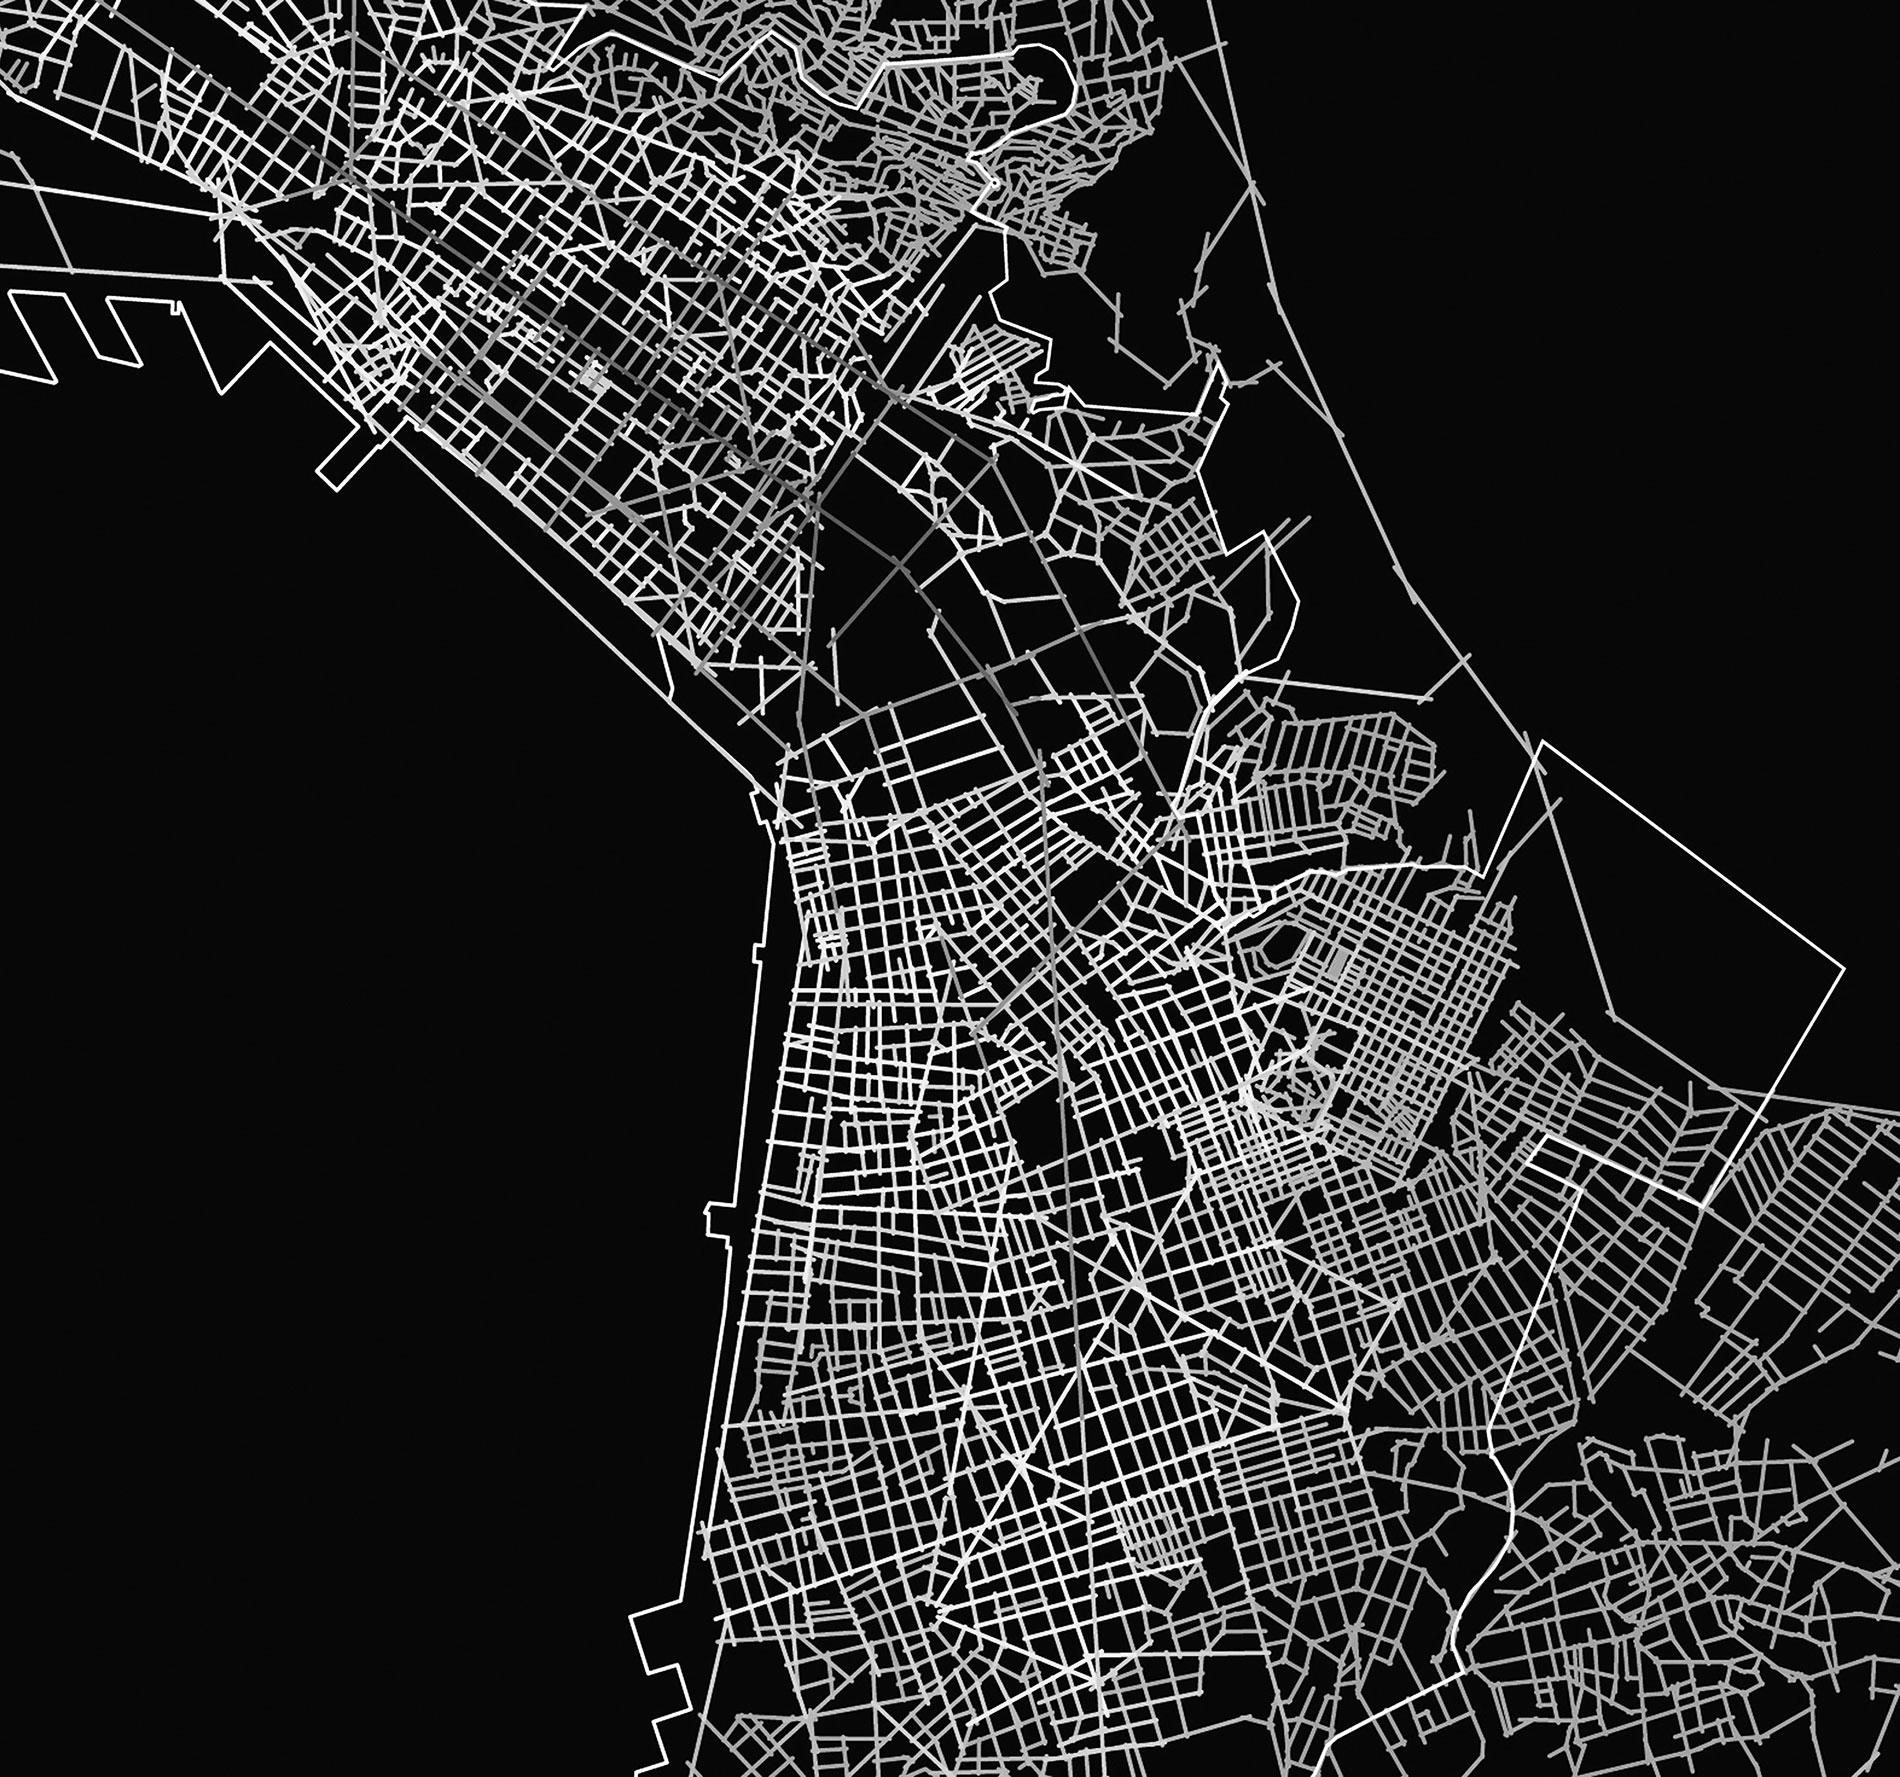 Portfoliο Χ 3: διαβάζοντας την αρχιτεκτονική θεωρία στην Ελλάδα (Βιβλιοκριτική)